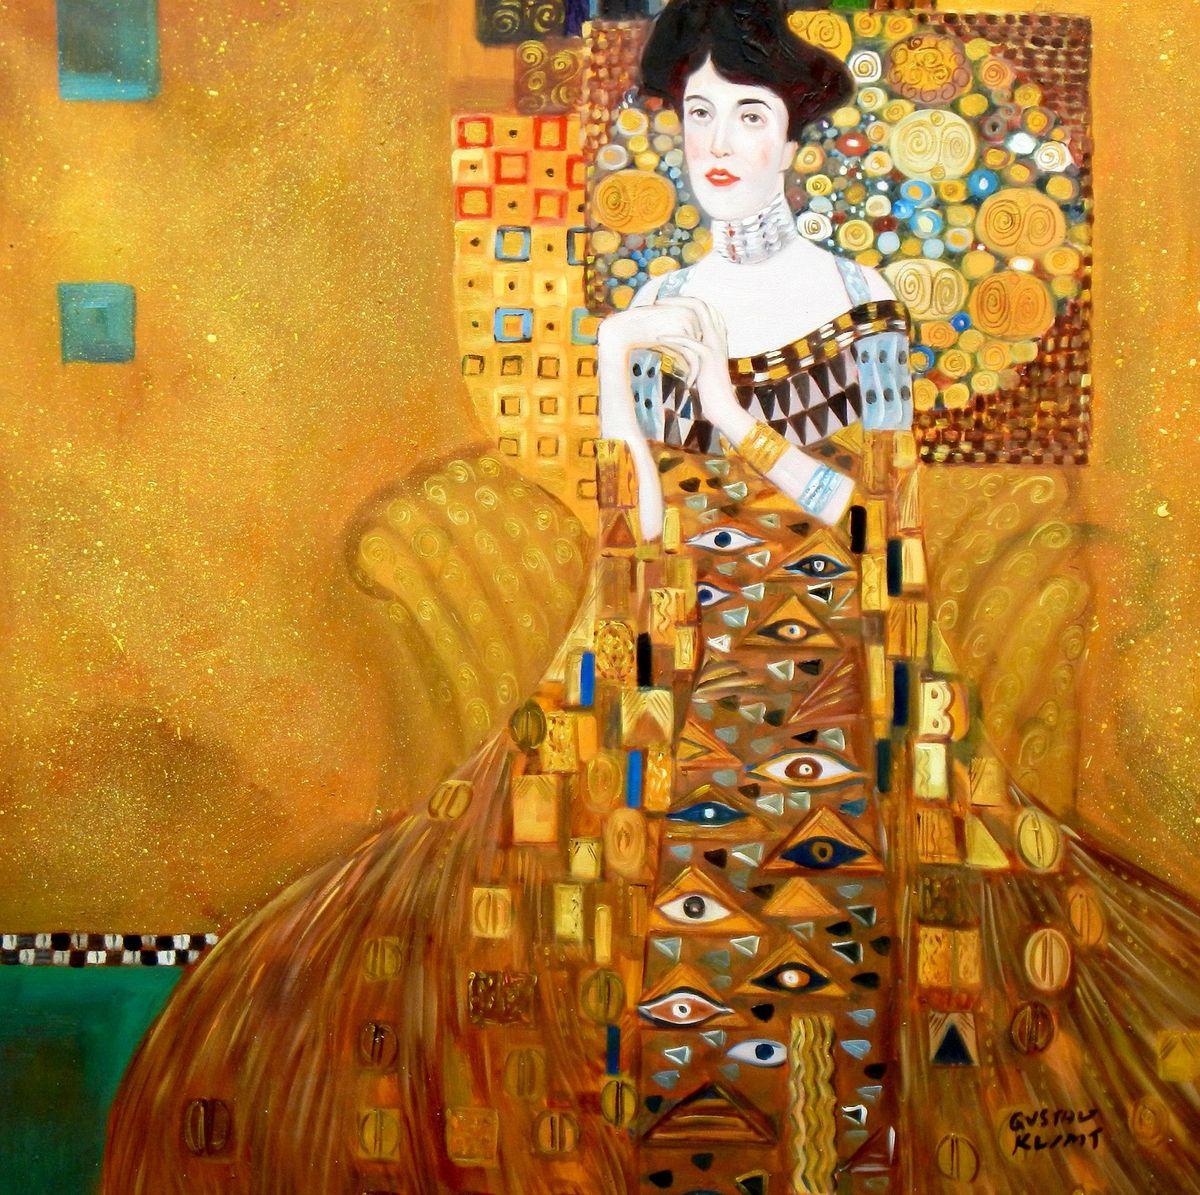 Gustav Klimt - Adele Bloch Bauer I g96817 80x80cm exzellentes Ölbild handgemalt